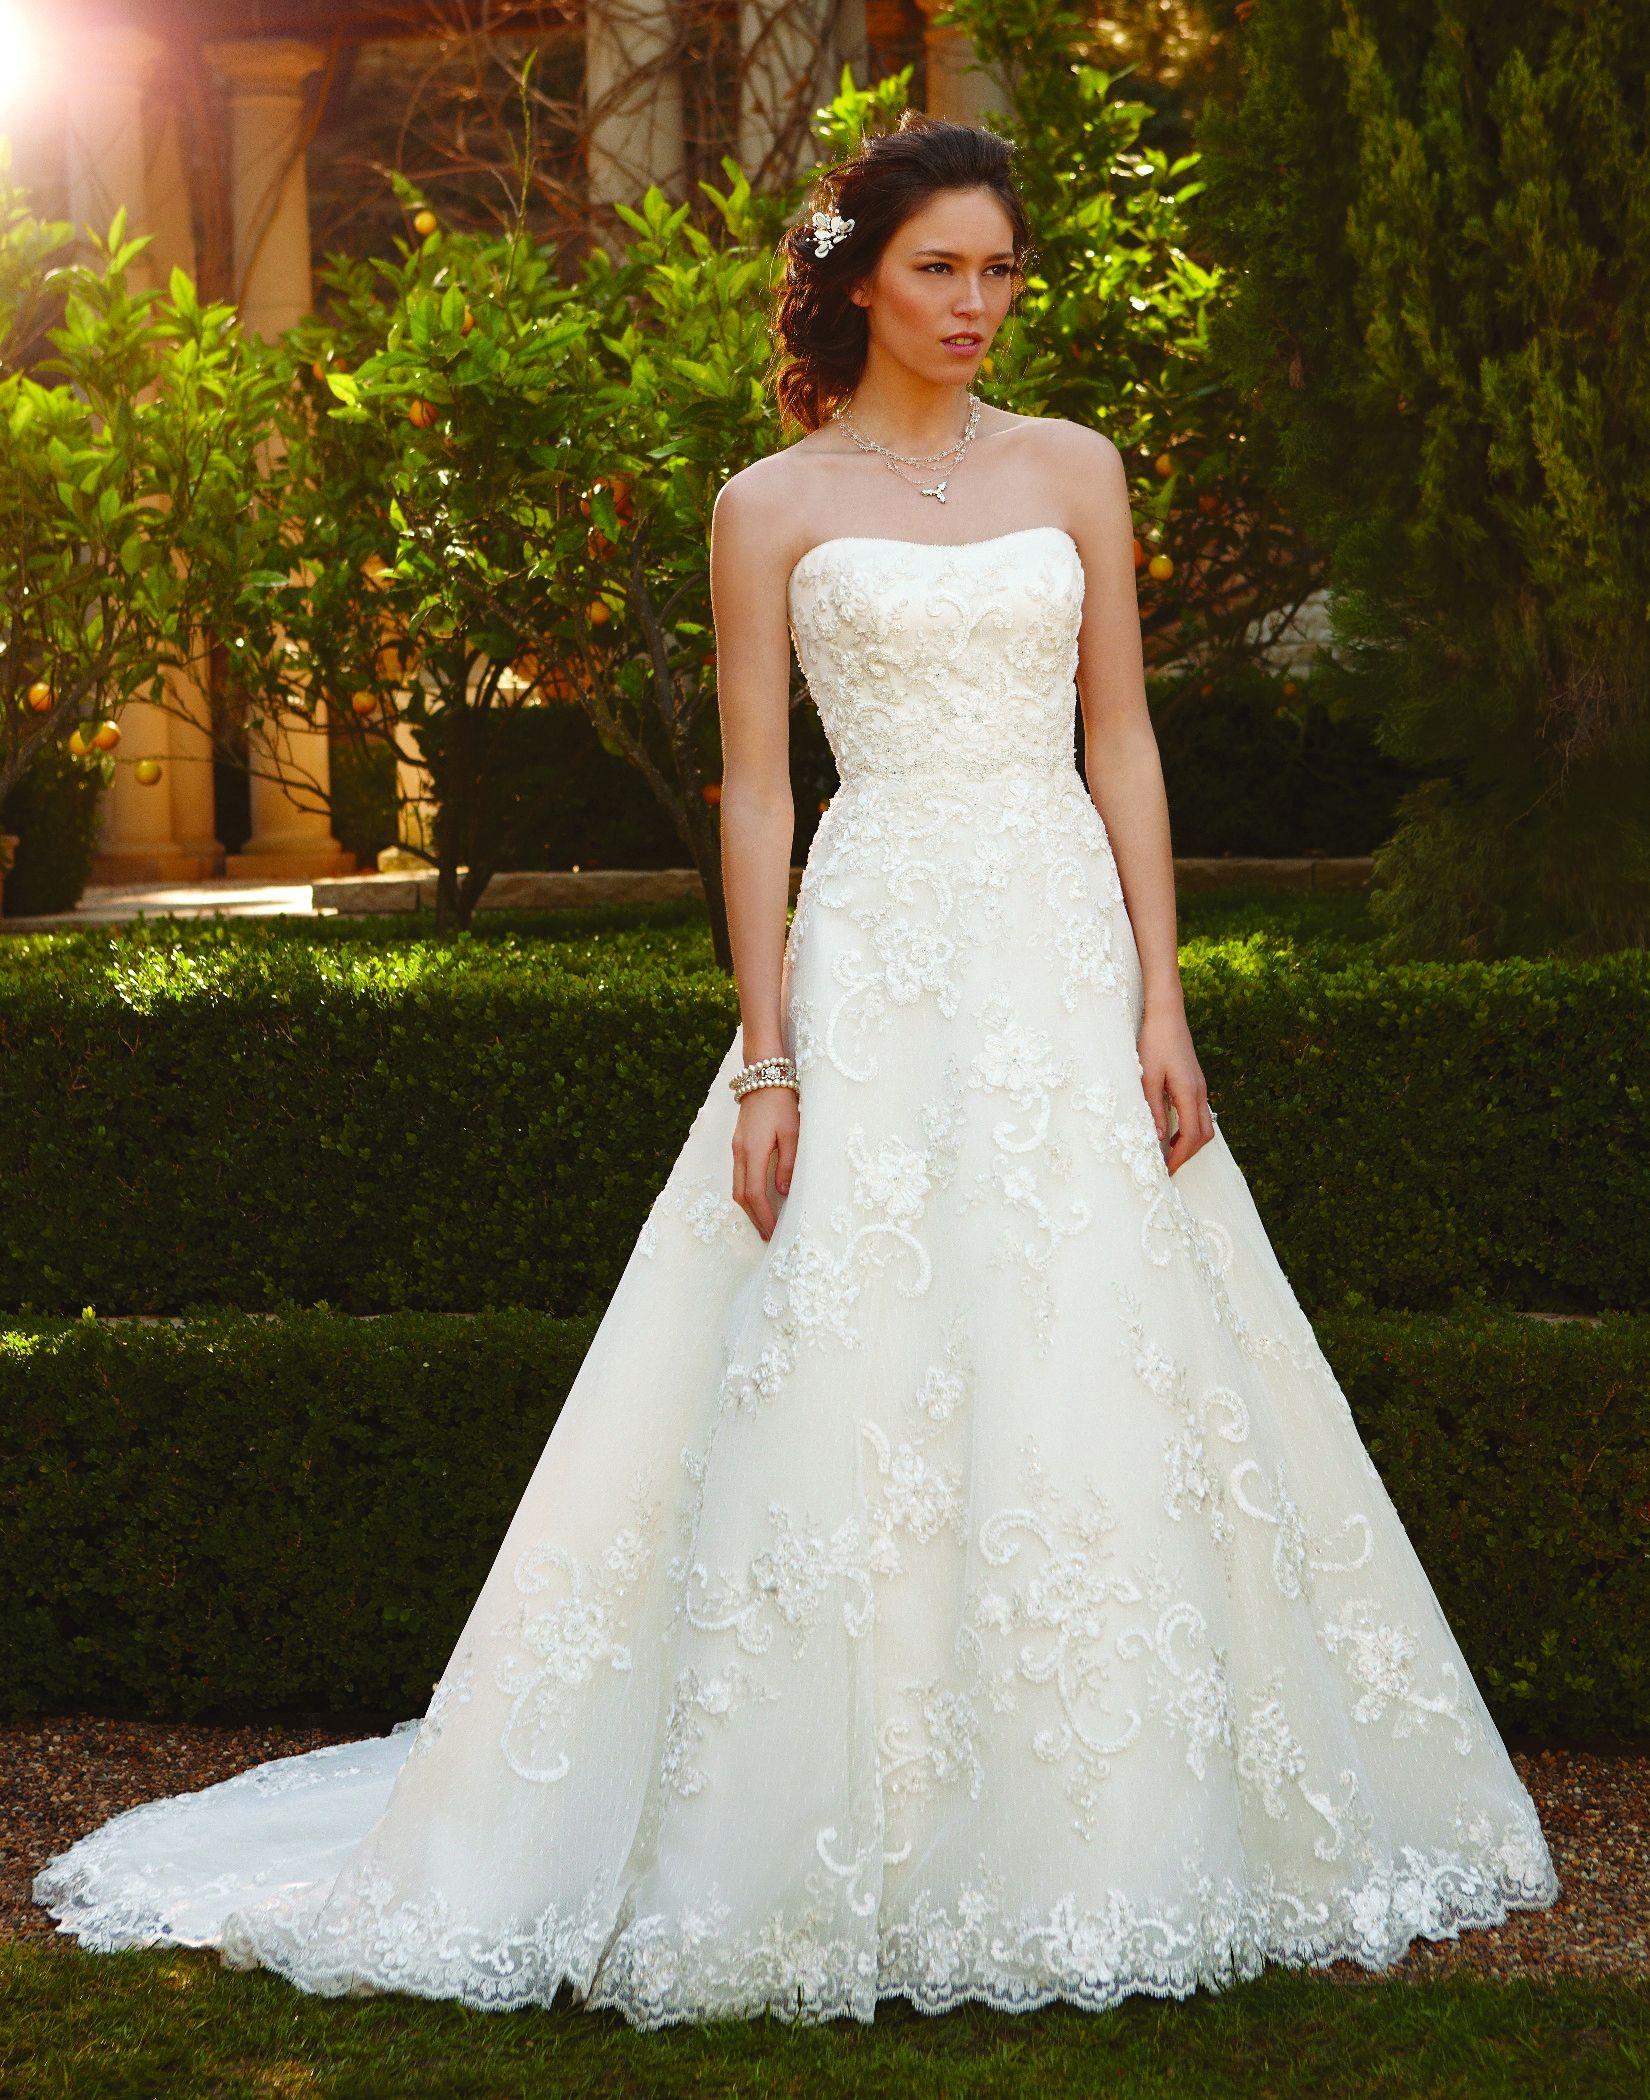 2051 Casablanca Bridal Casablanca bridal gowns